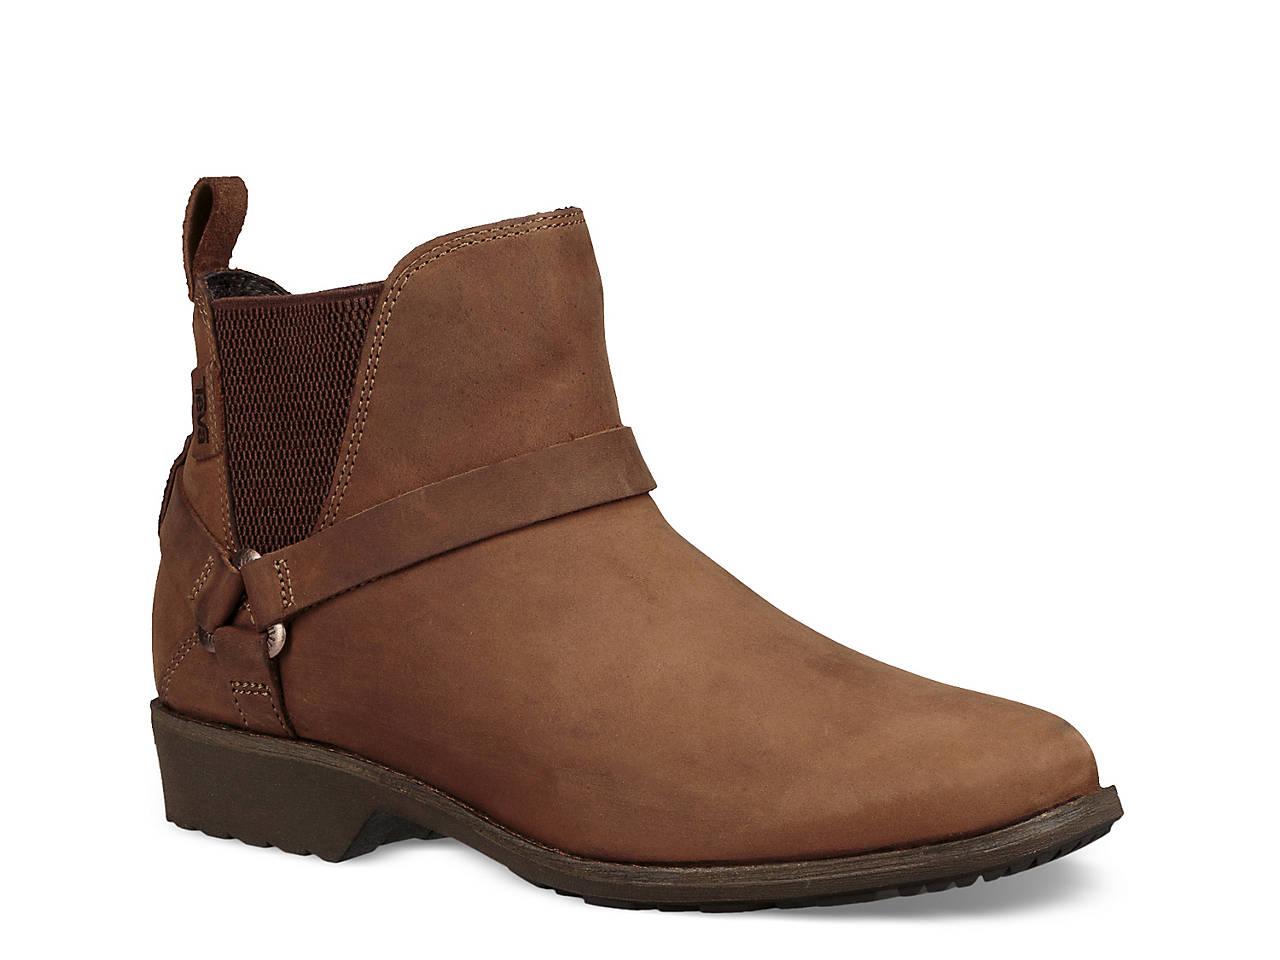 0c9b8b582311 Teva De La Vina Dos Bootie Women s Shoes